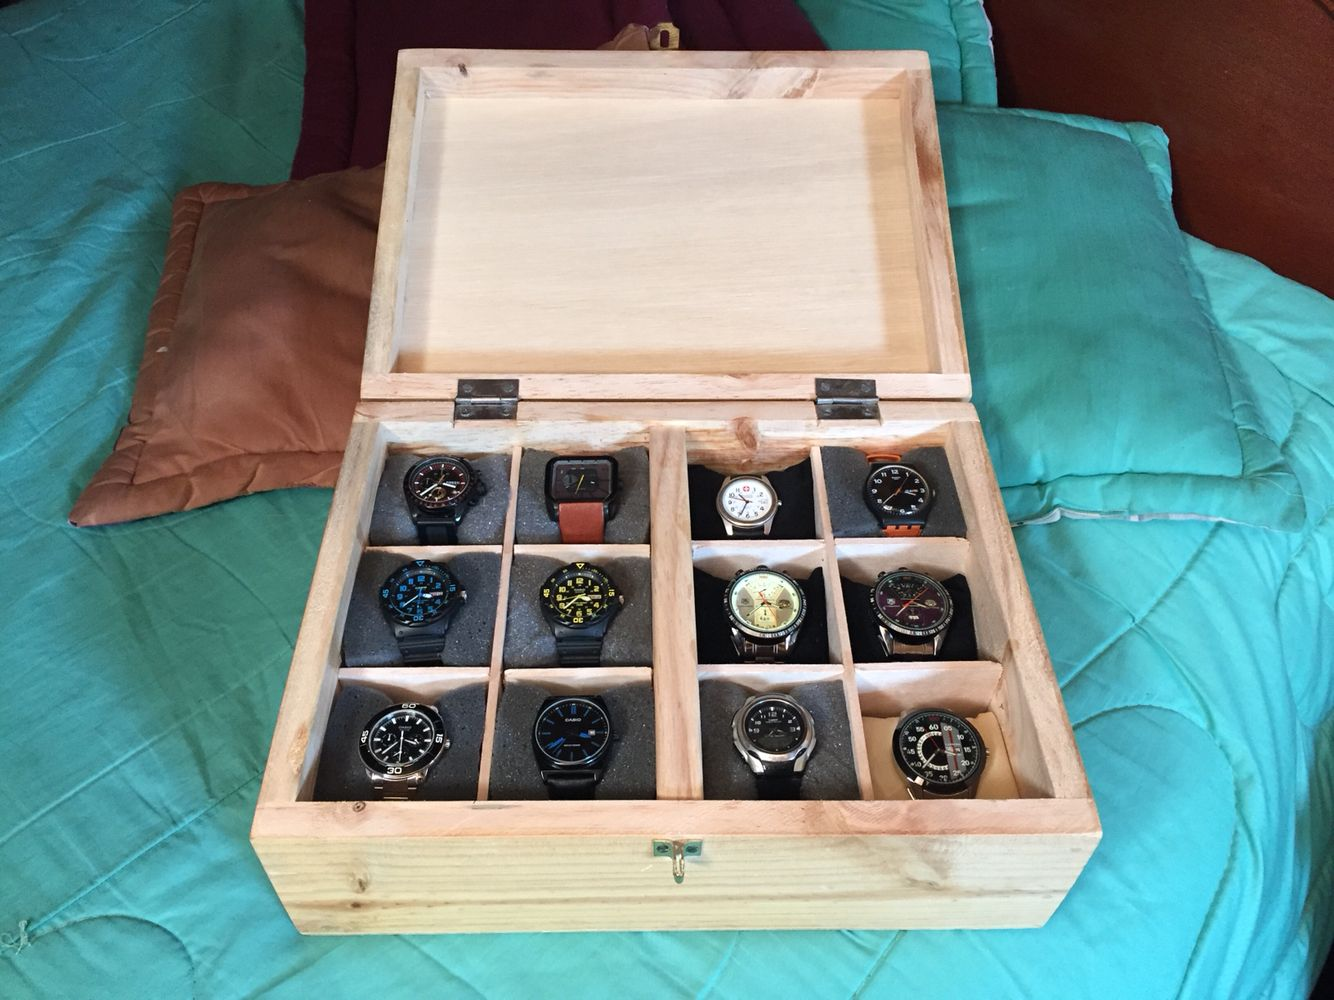 b32e741d1c5e Watch Storage DIY - Caja para guardar relojes!!!